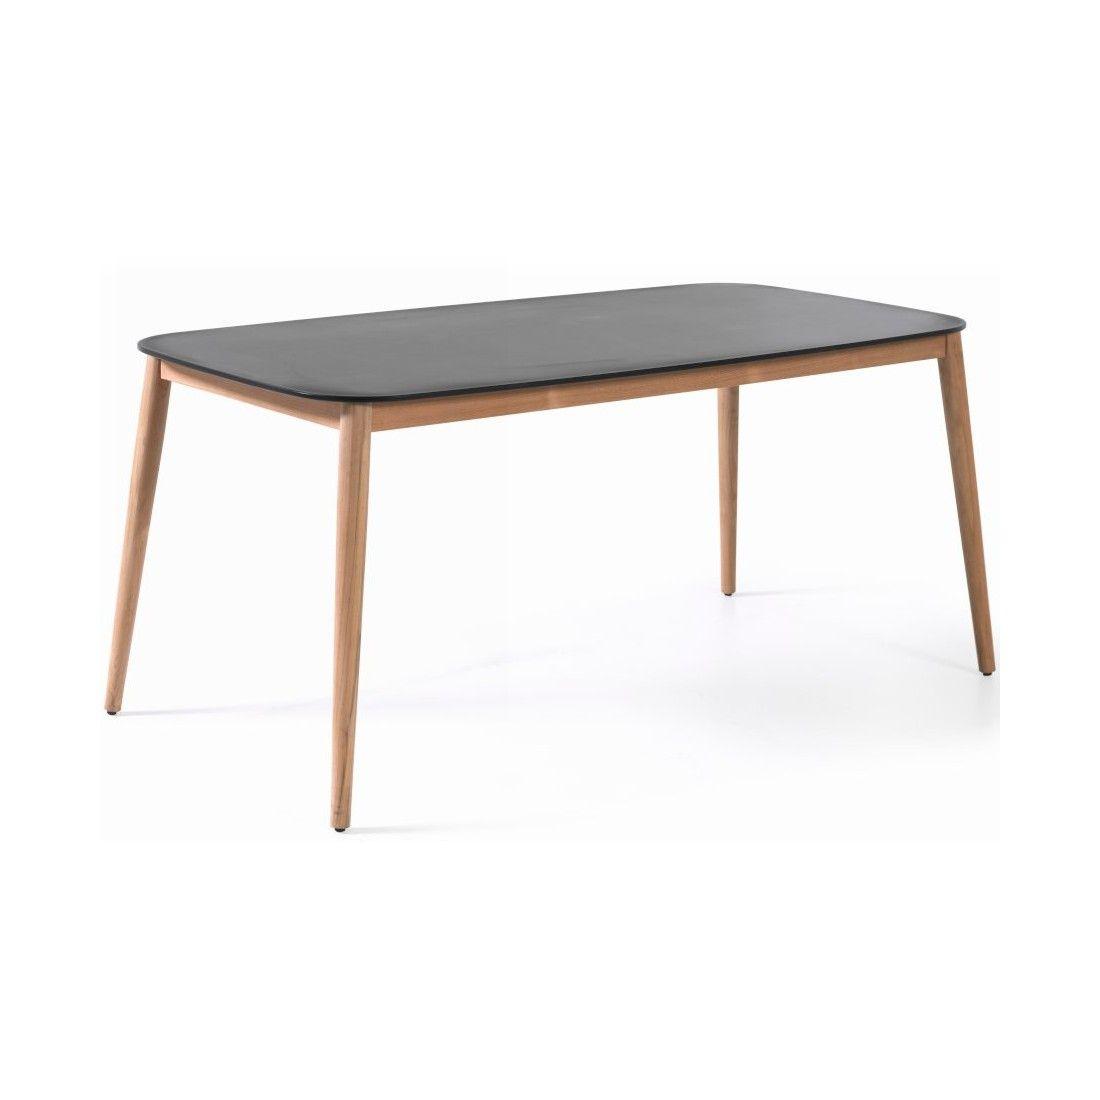 Table de jardin 213x100 cm avec plateau en Duranite® et pieds en teck